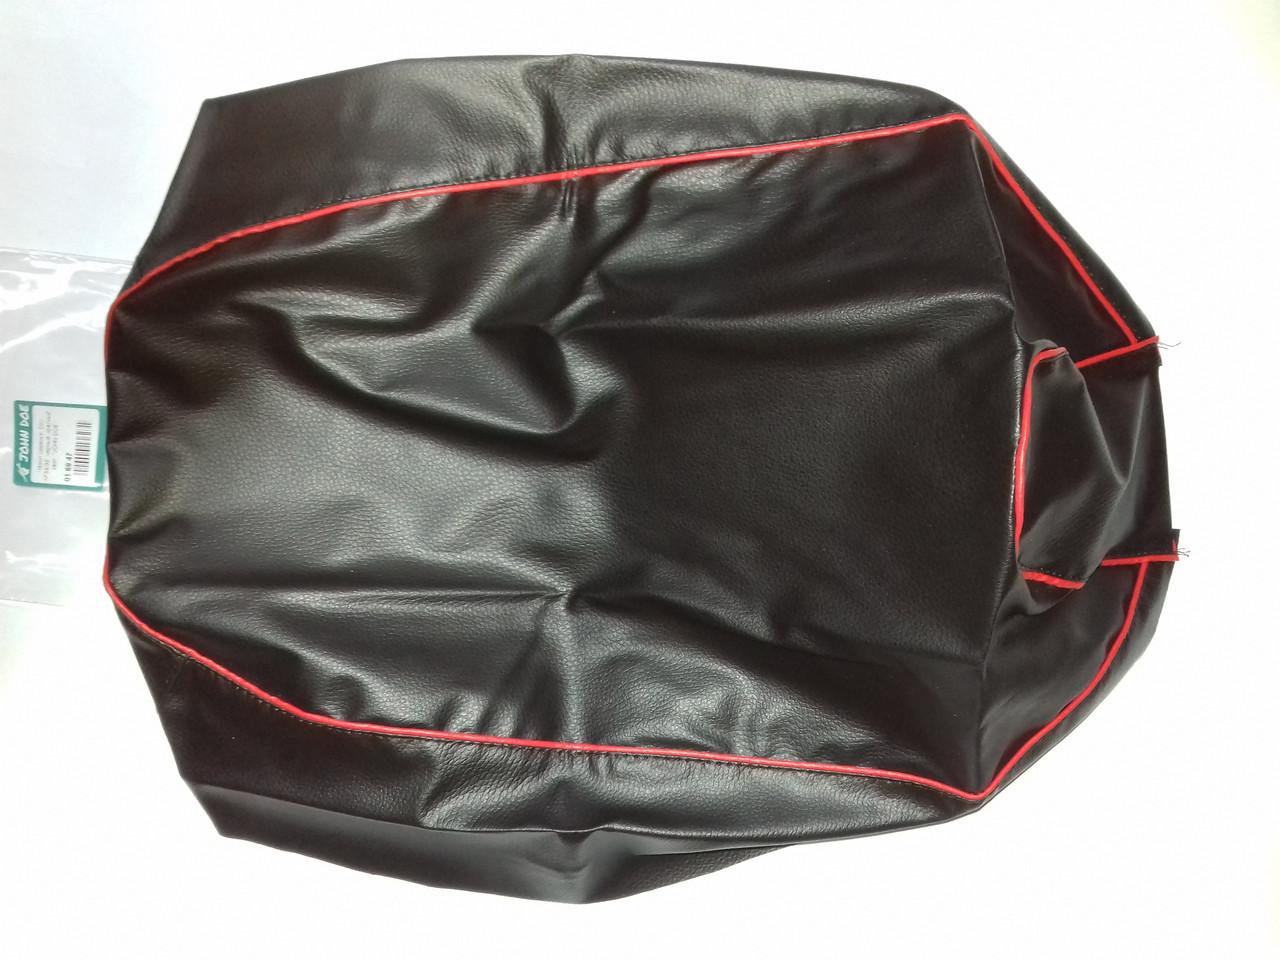 Чехол сиденья HONDA DIO AF-34/35 черный, красный кант JOHN DOE